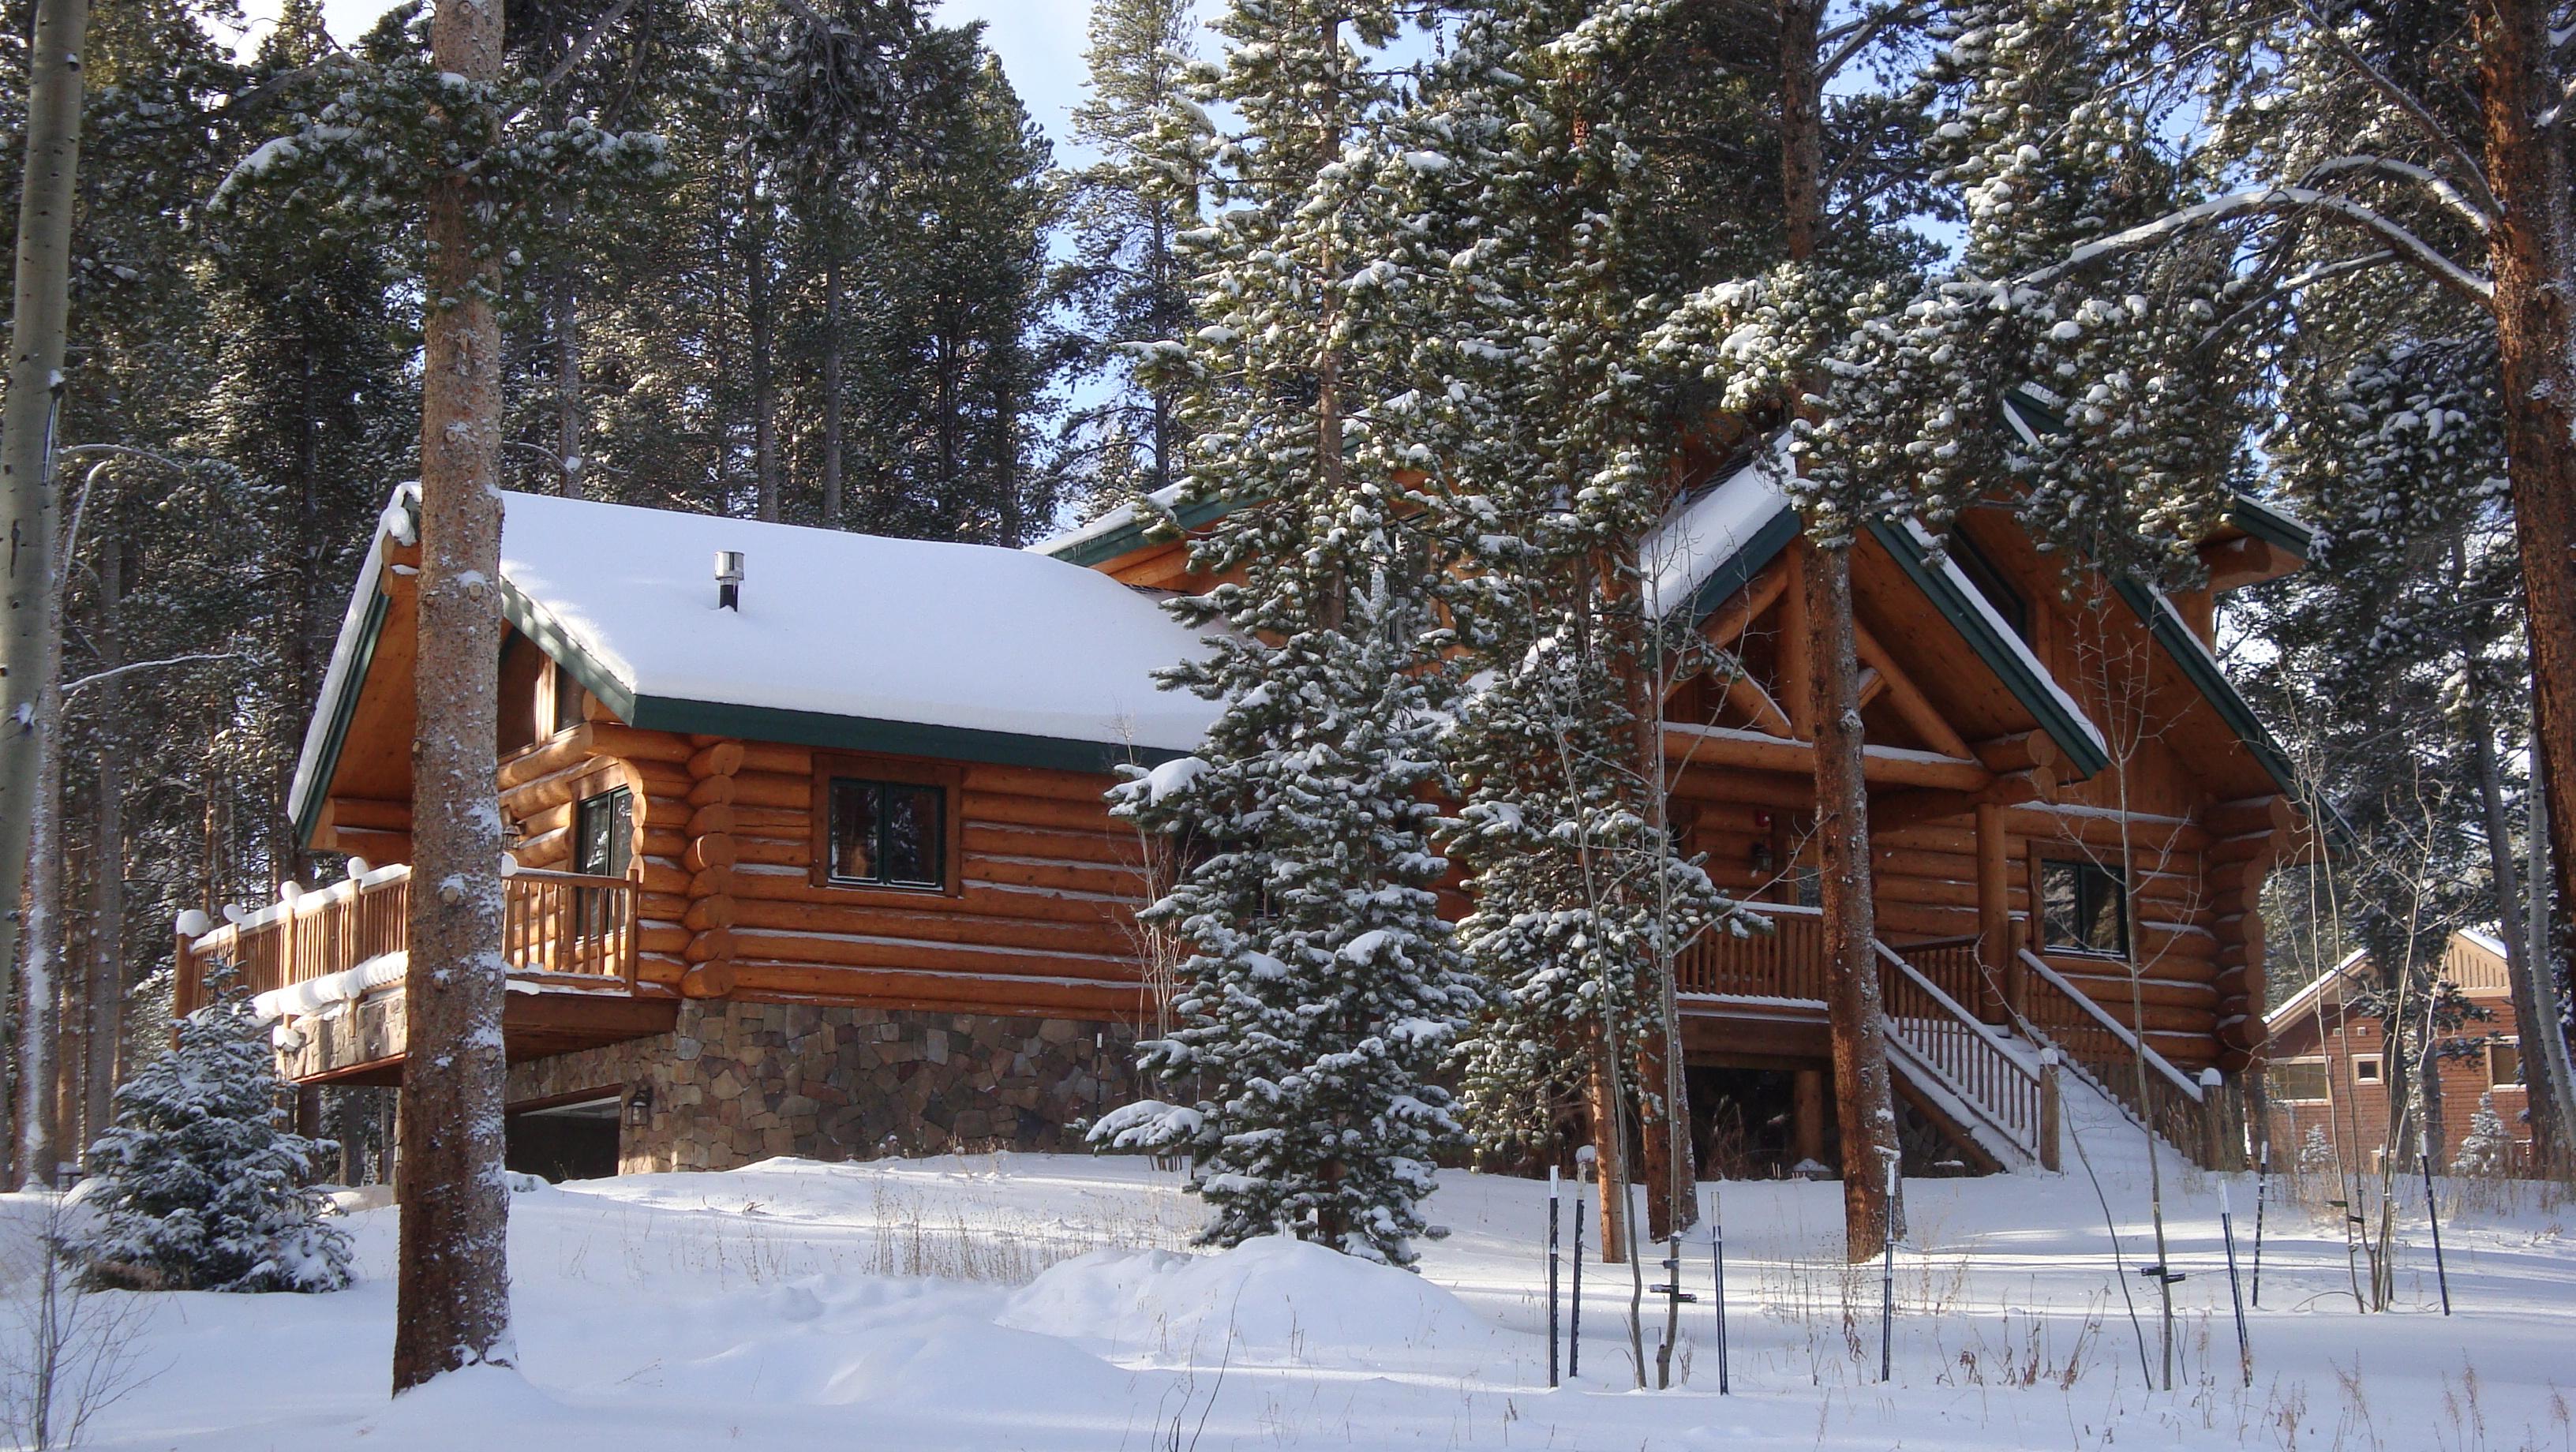 The Bear Cabin in Breckenridge Colorado Adds Additional